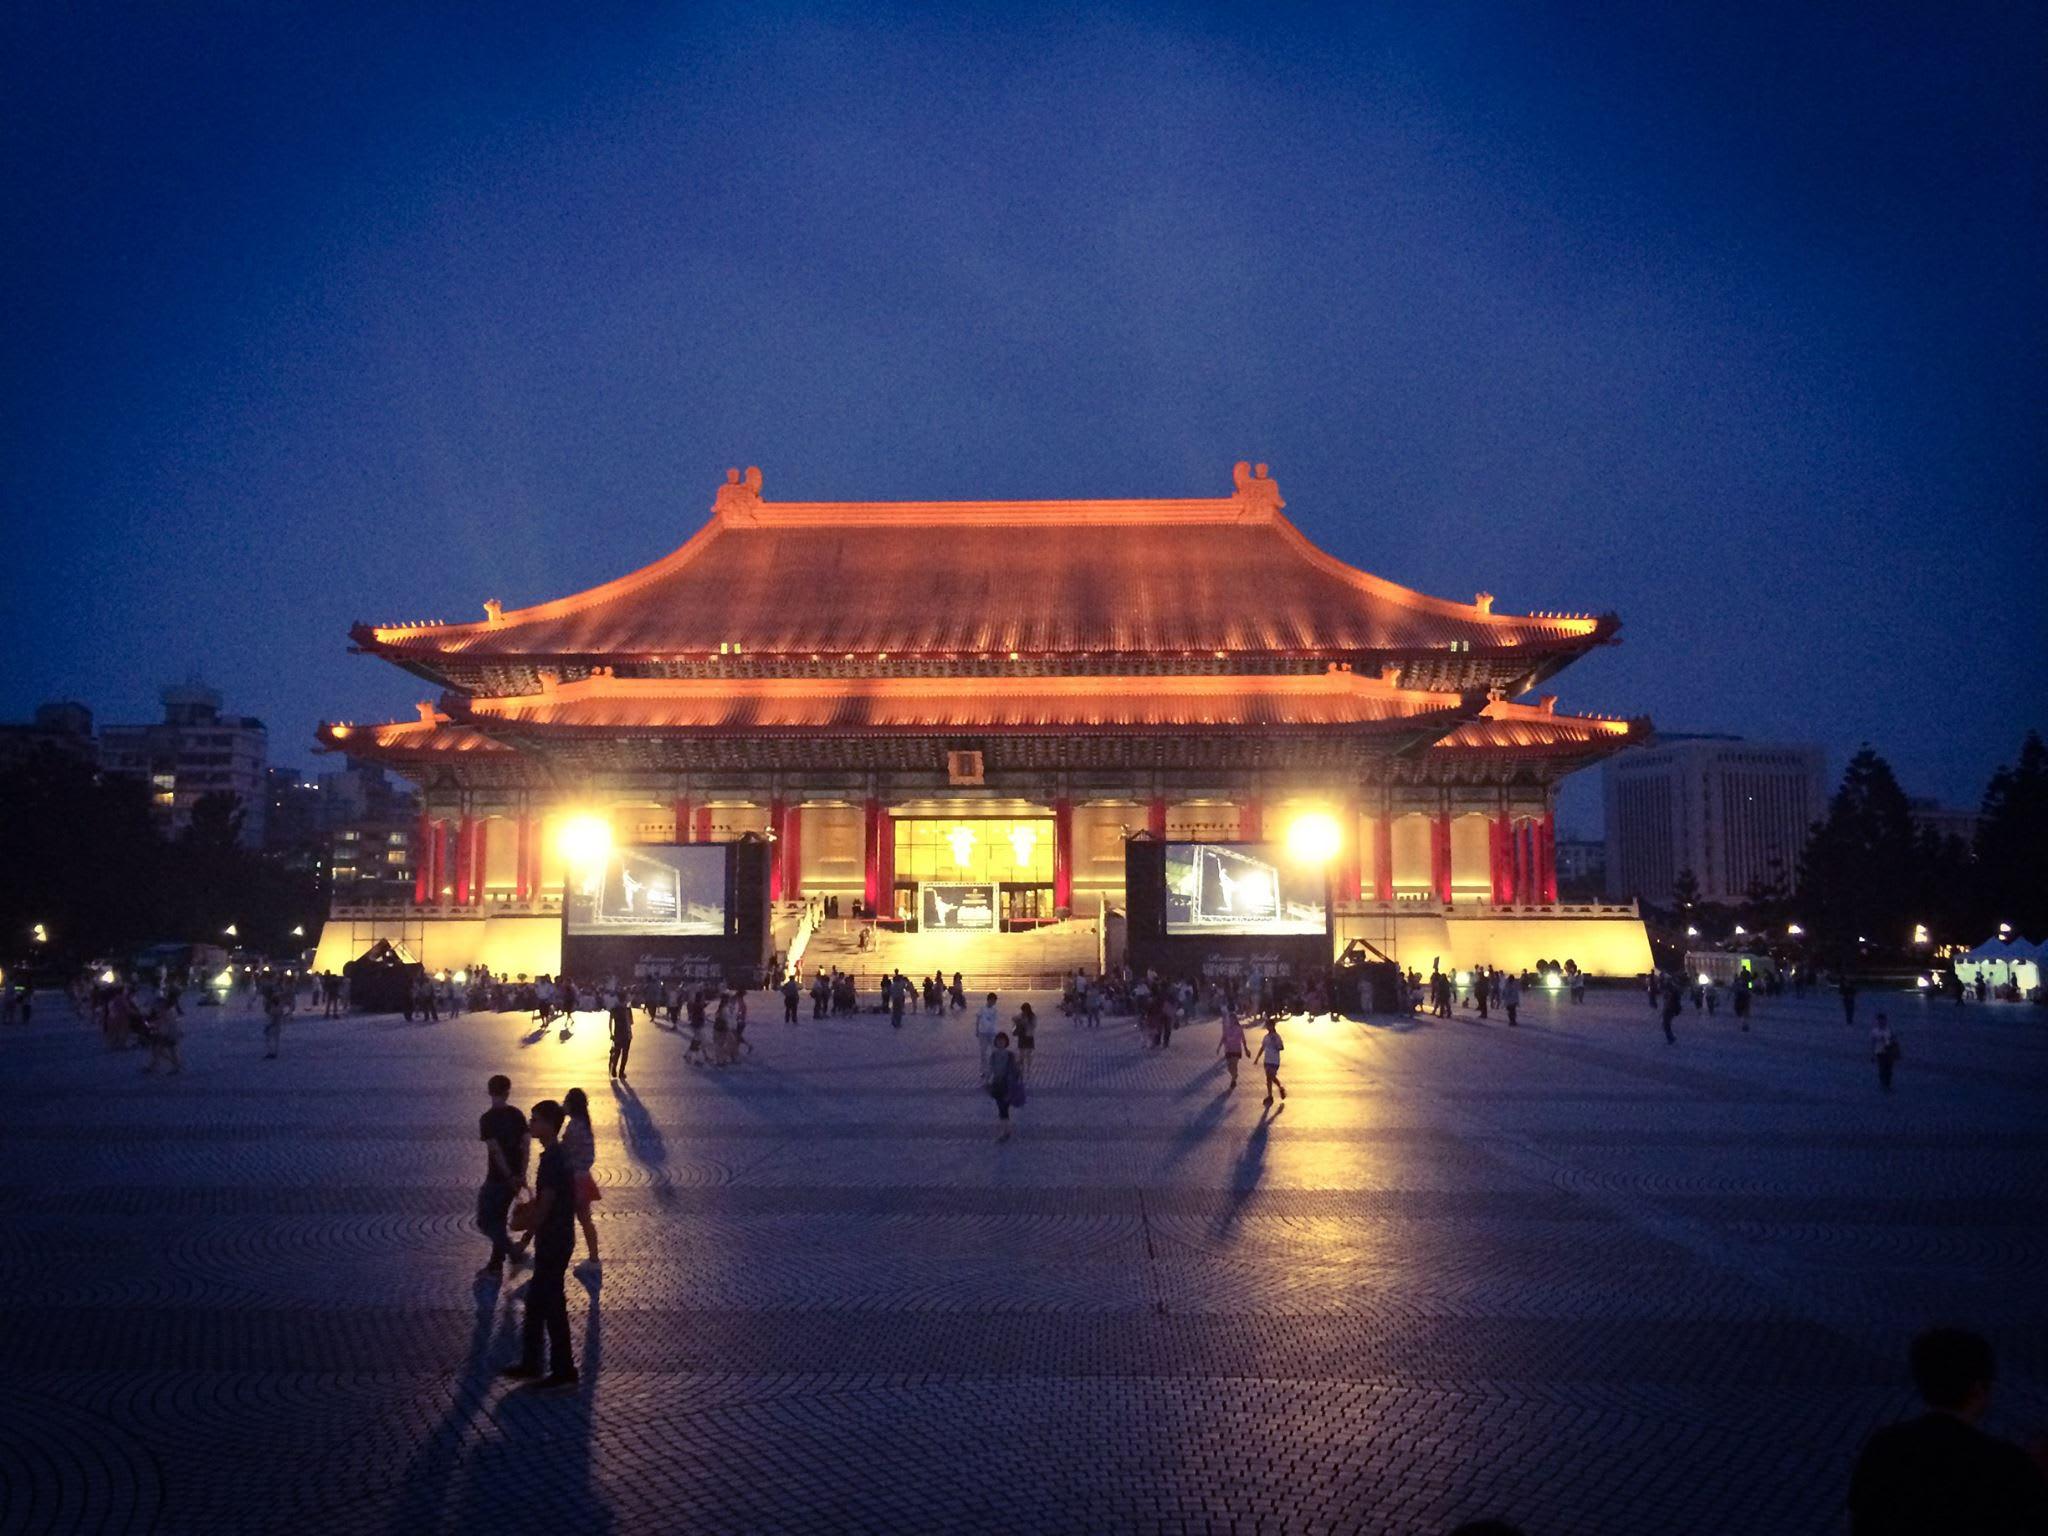 歷 史 與 人 文 的 薈 萃 , 在 台 北 的 夜 晚 中 , 綻 放